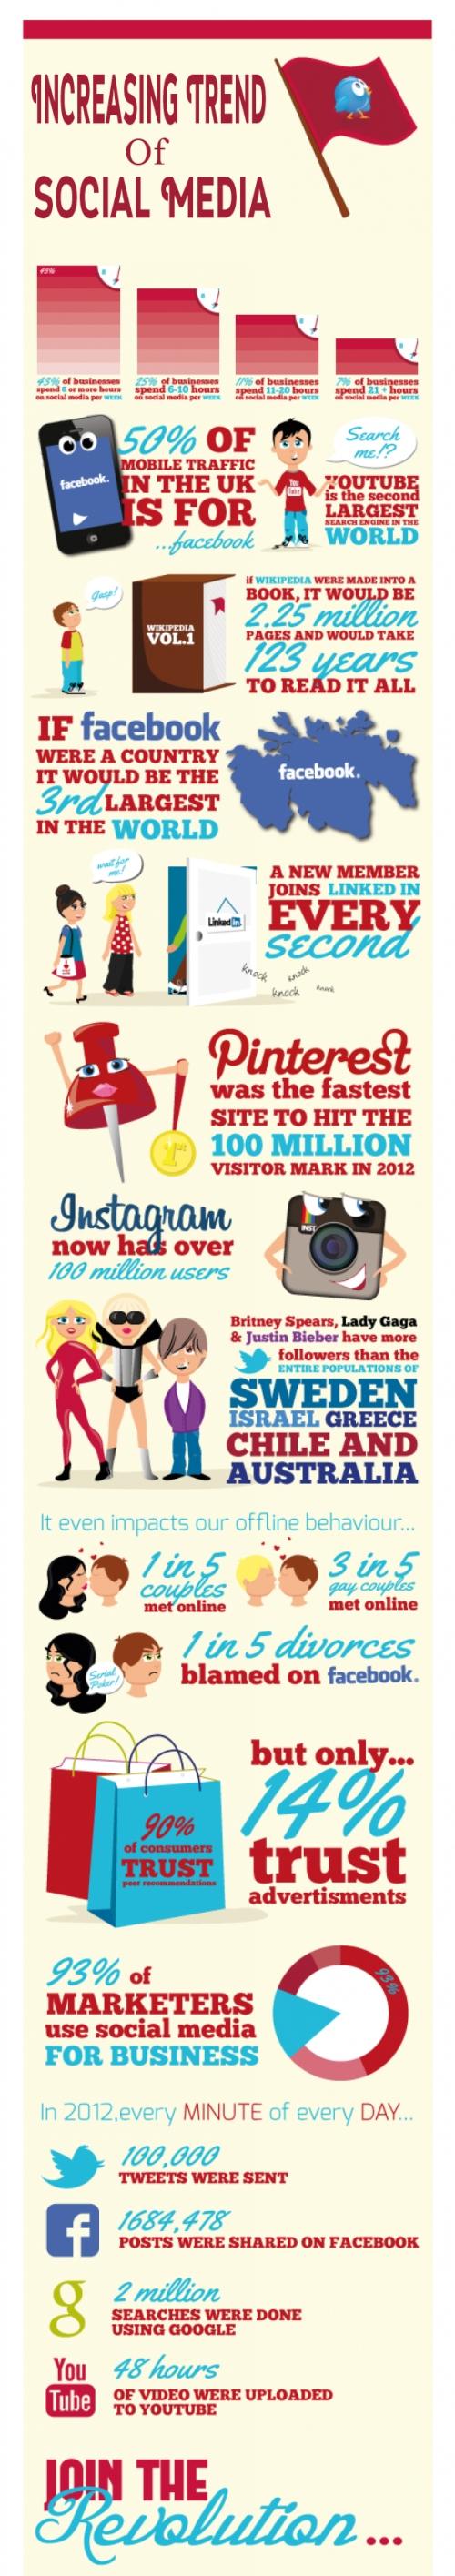 Increasing-Trend-Of-Social-Media